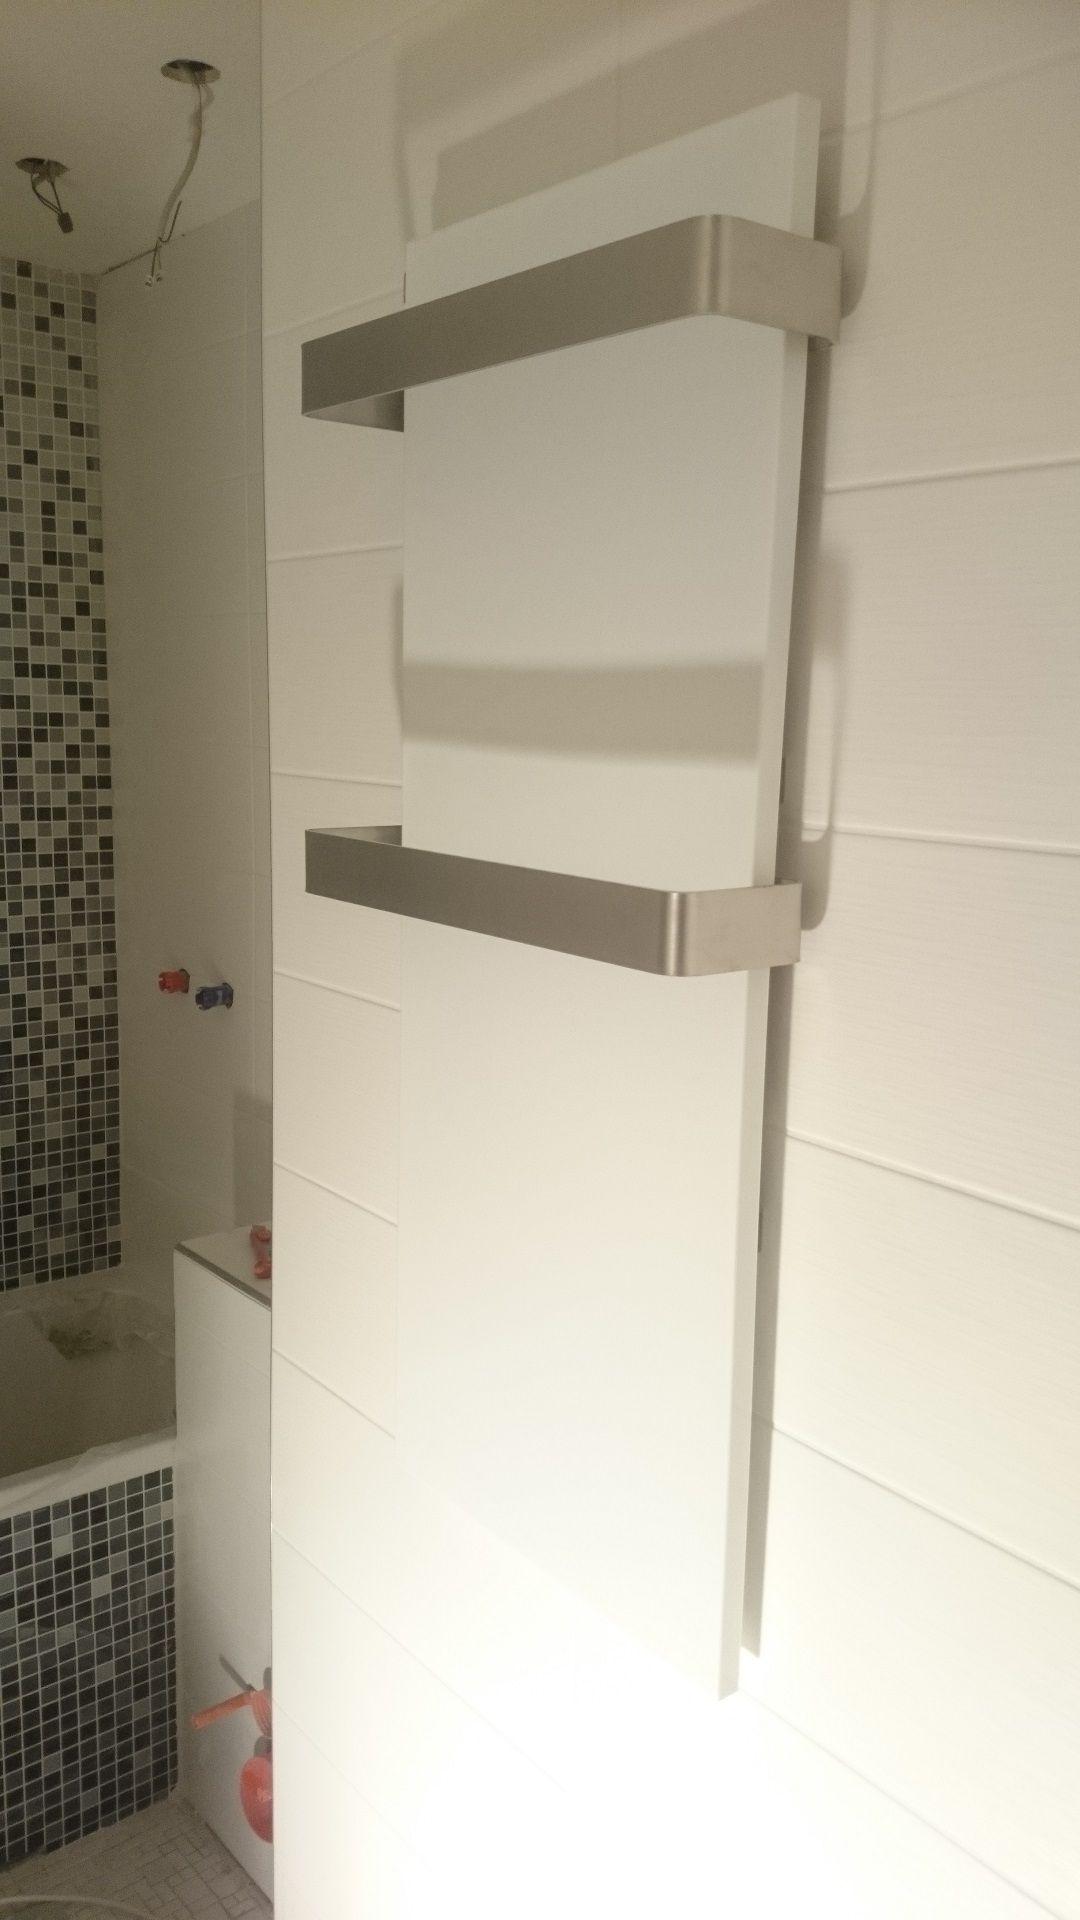 Infrarotheizung Im Bad Infrarotheizung Heizung Badezimmer Dachschrage